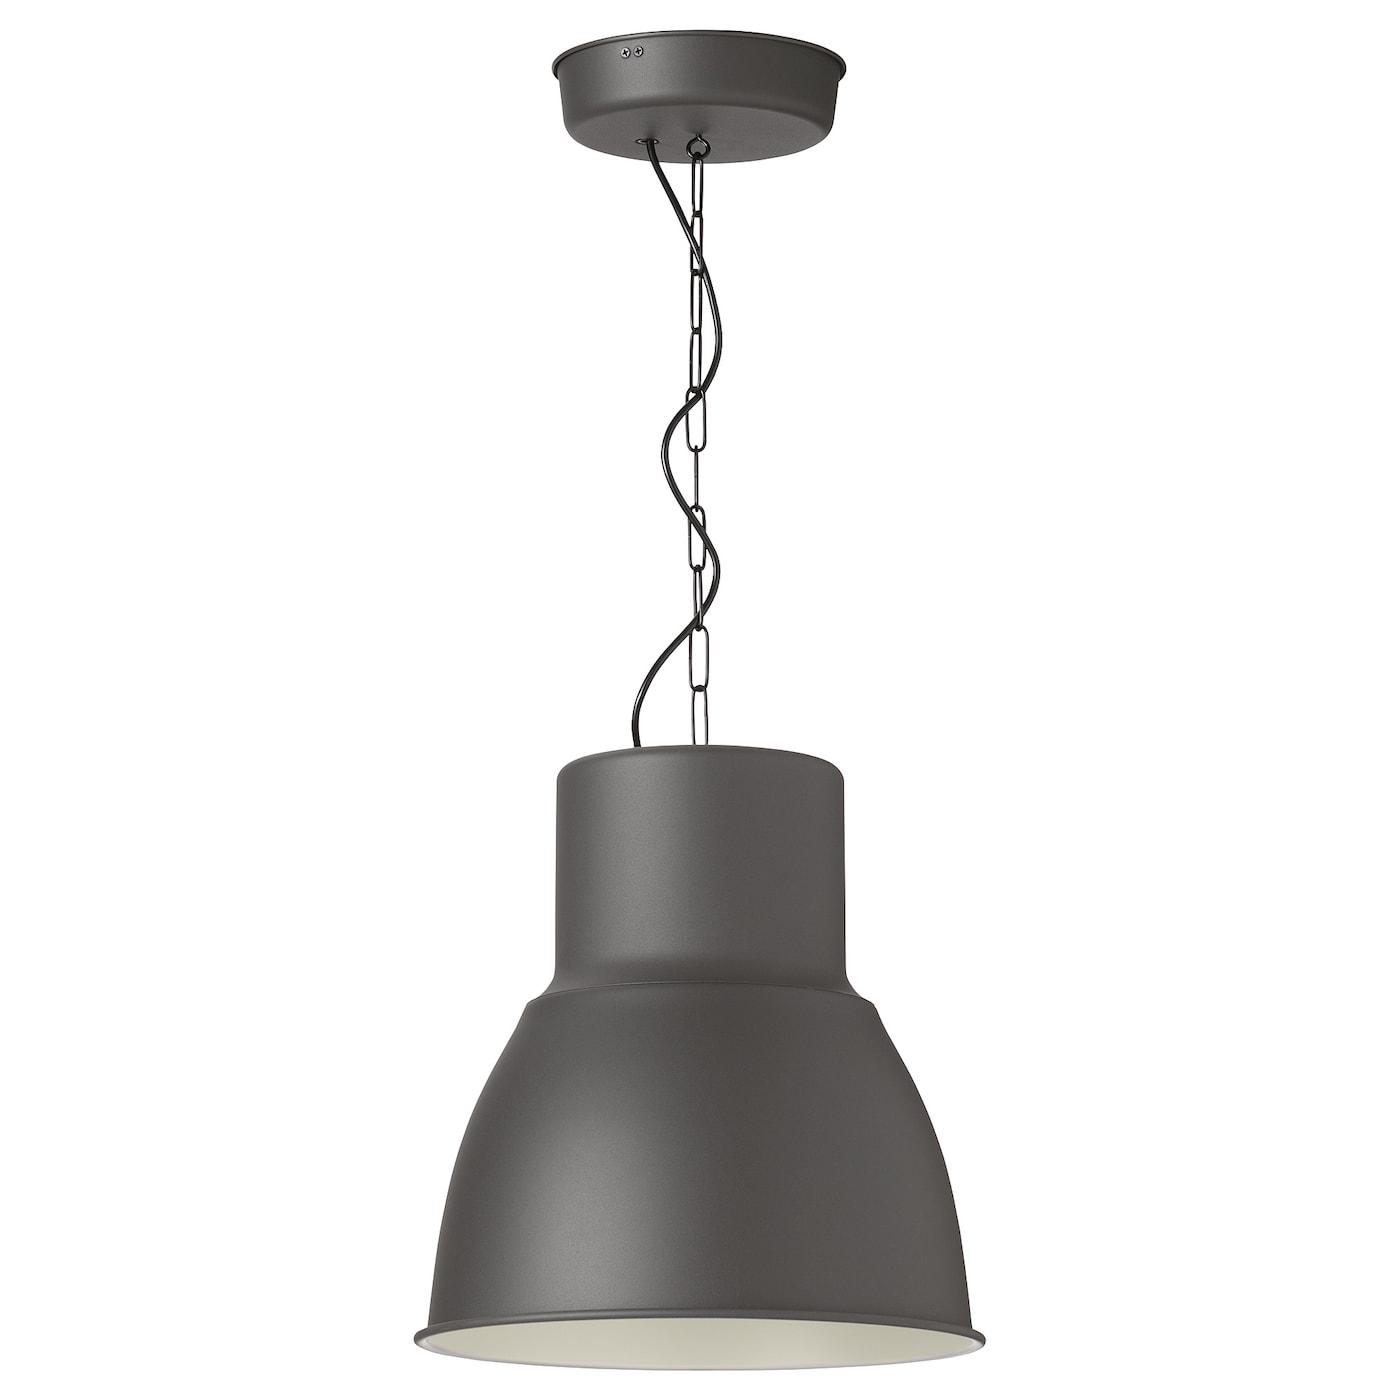 Full Size of Deckenlampe Ikea Hektar Hngeleuchte Dunkelgrau Deutschland Deckenlampen Wohnzimmer Modern Miniküche Modulküche Betten 160x200 Küche Kosten Für Esstisch Bei Wohnzimmer Deckenlampe Ikea